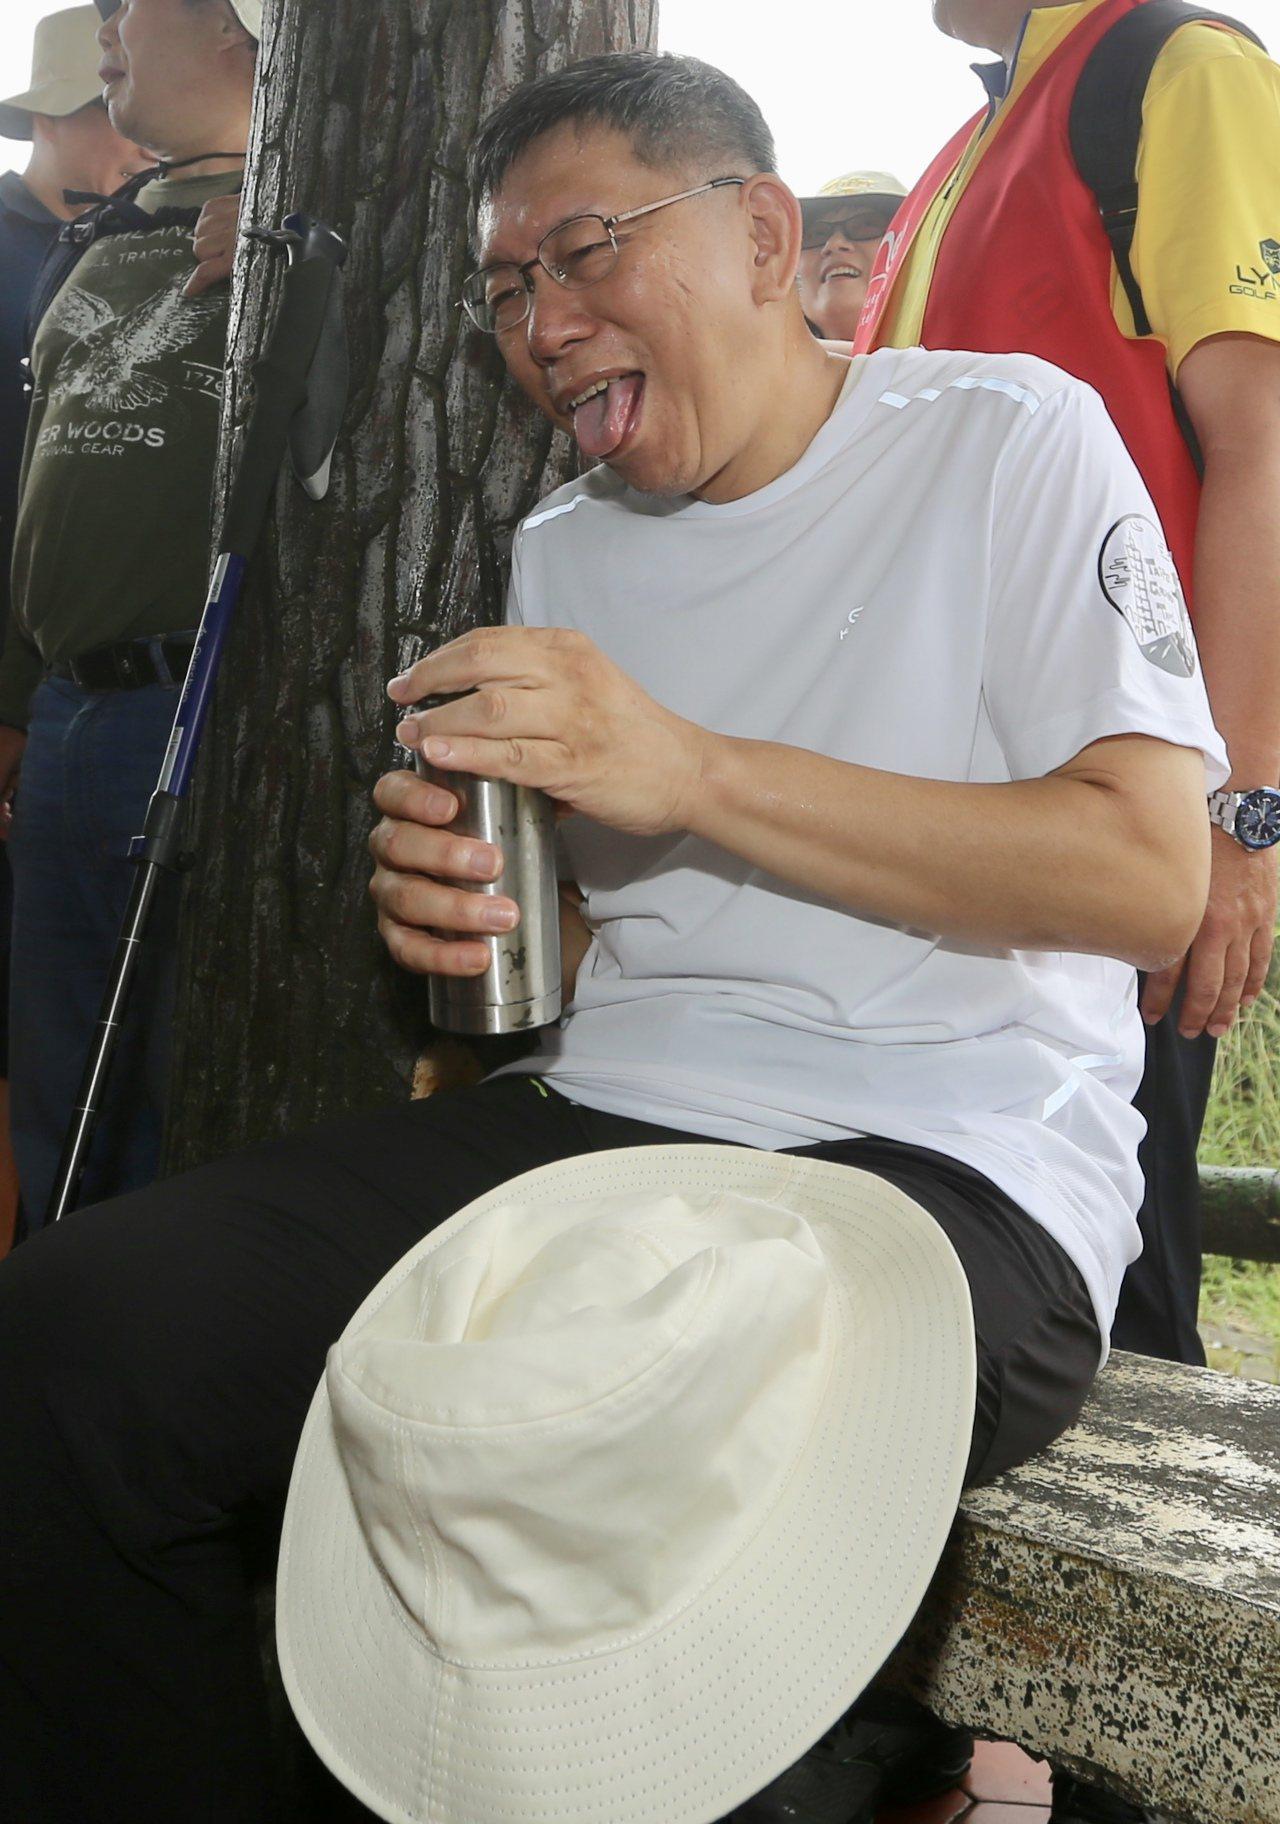 台北市長柯文哲上午出席市政府舉辦的登山活動,柯文哲表示自己平時不太流汗,今天也爬...